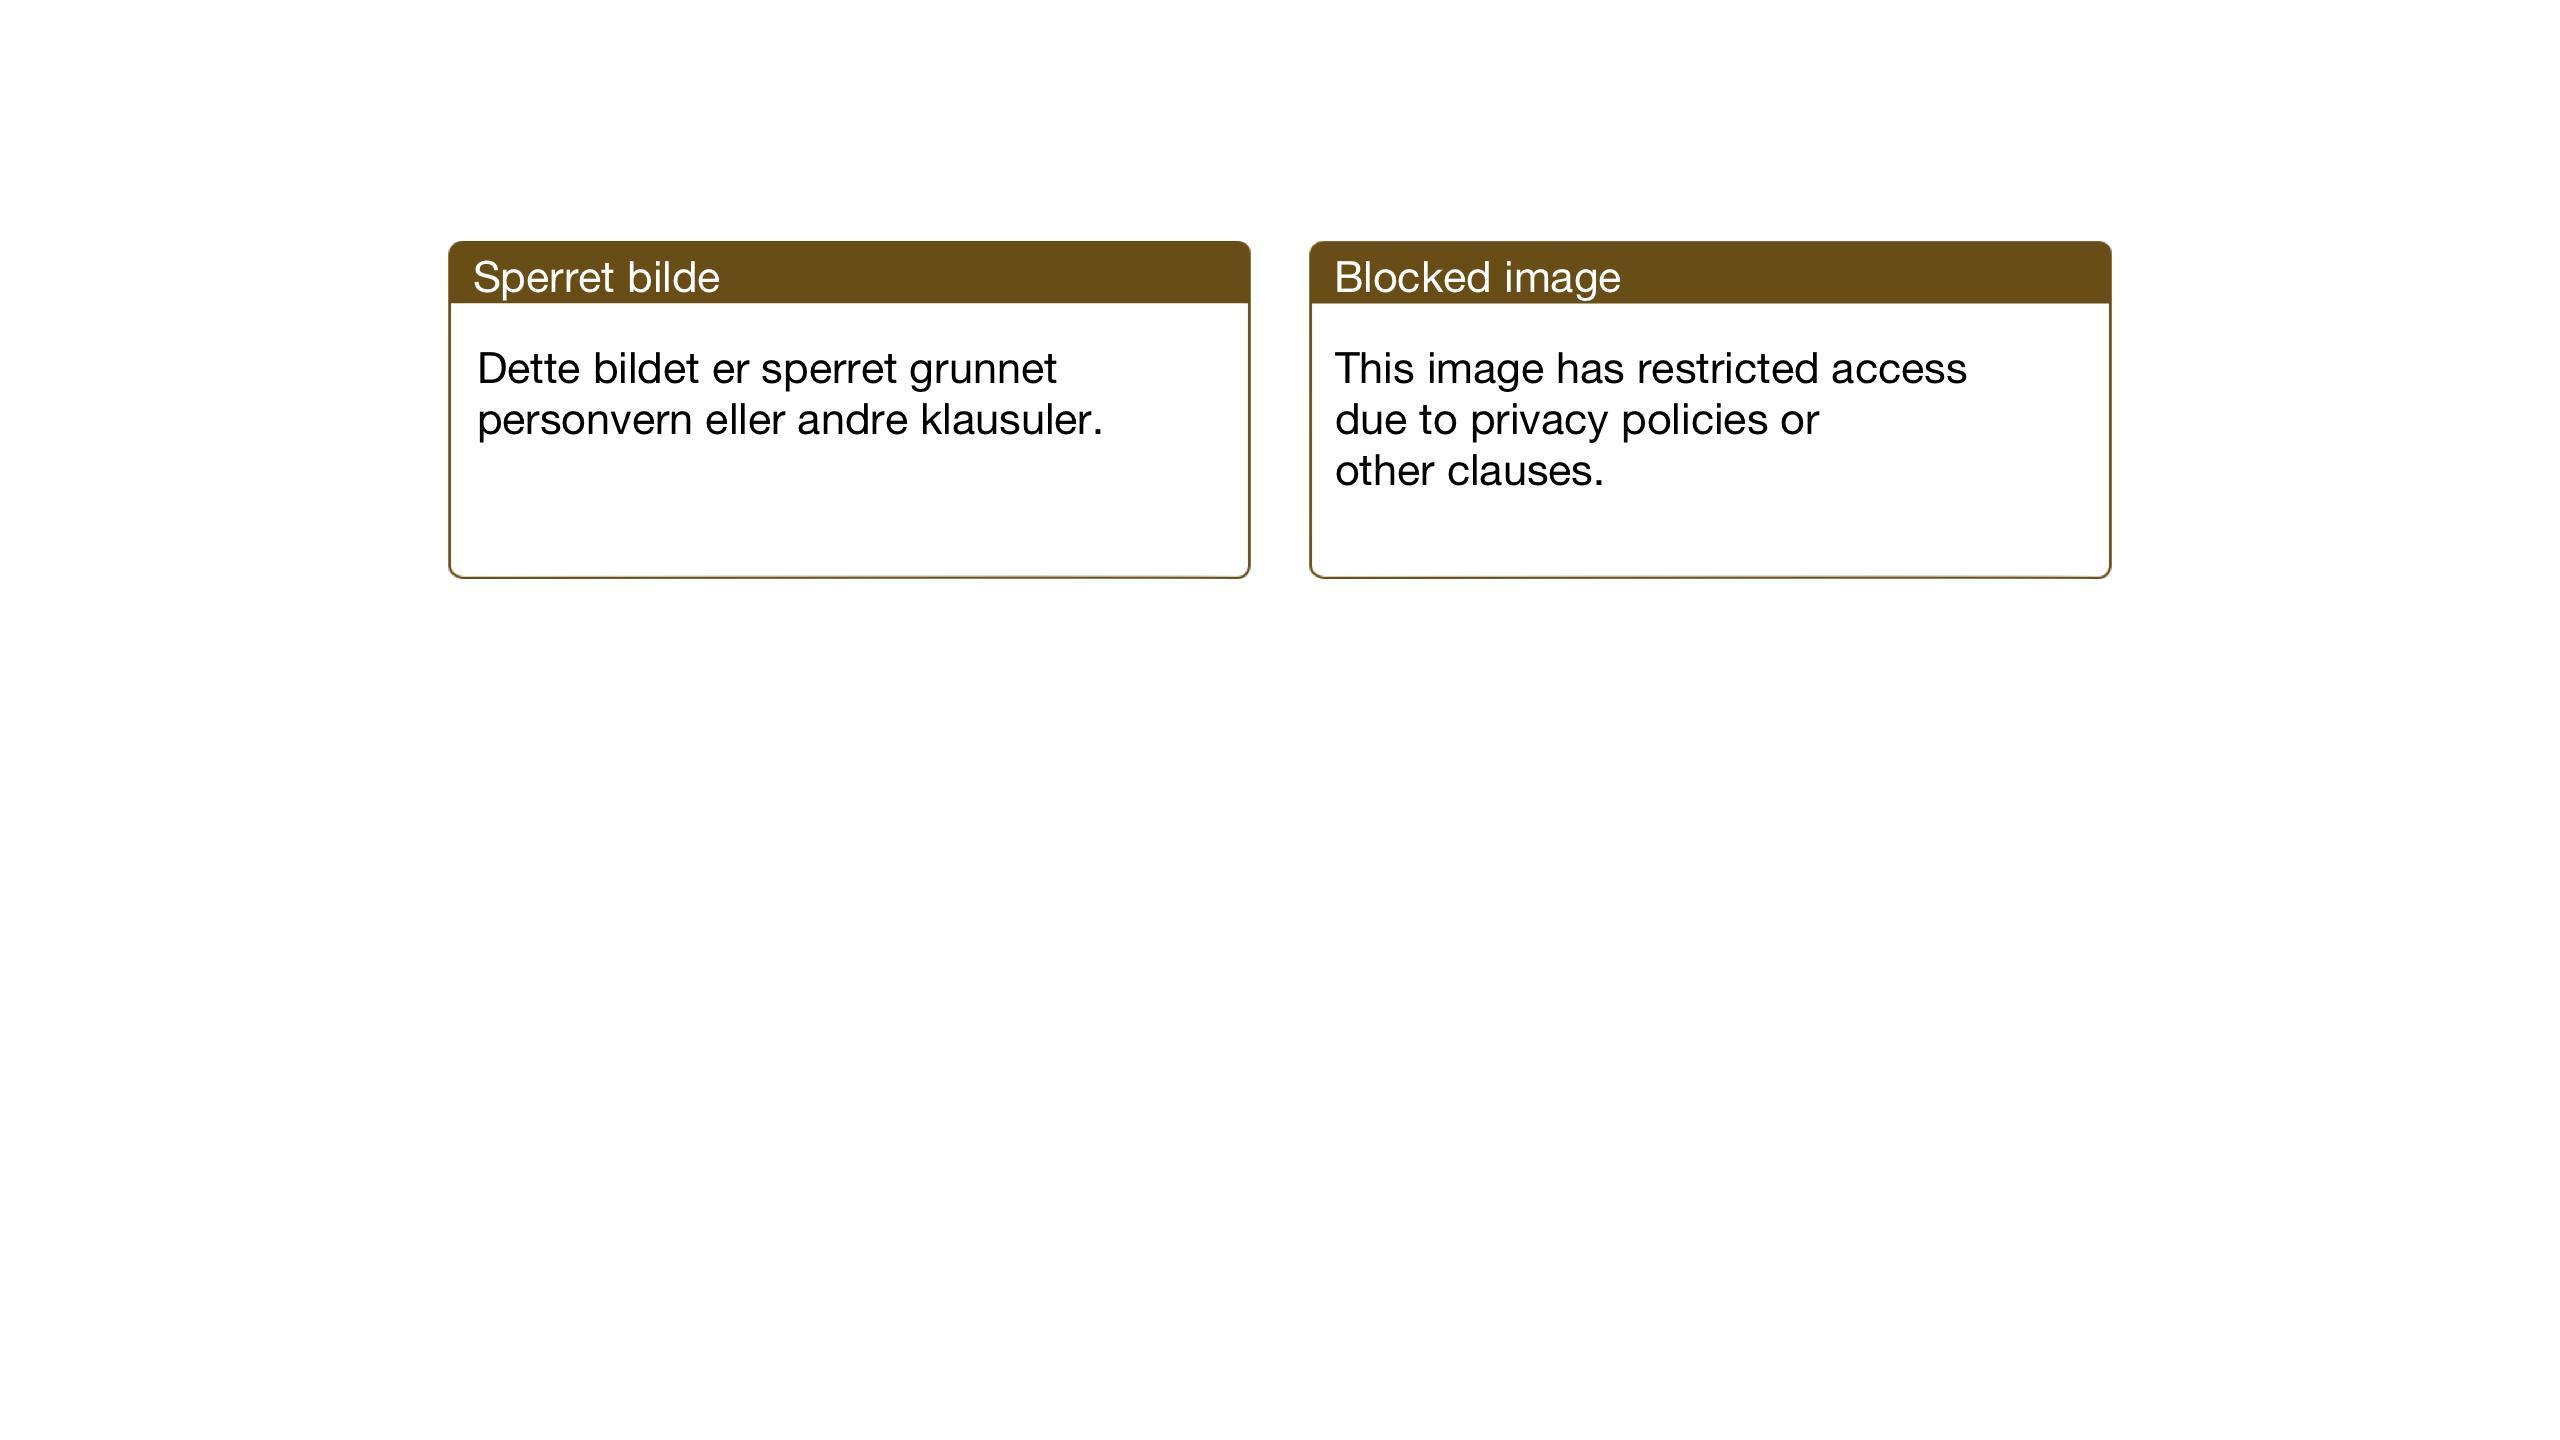 SAT, Ministerialprotokoller, klokkerbøker og fødselsregistre - Nord-Trøndelag, 701/L0019: Klokkerbok nr. 701C03, 1930-1953, s. 16